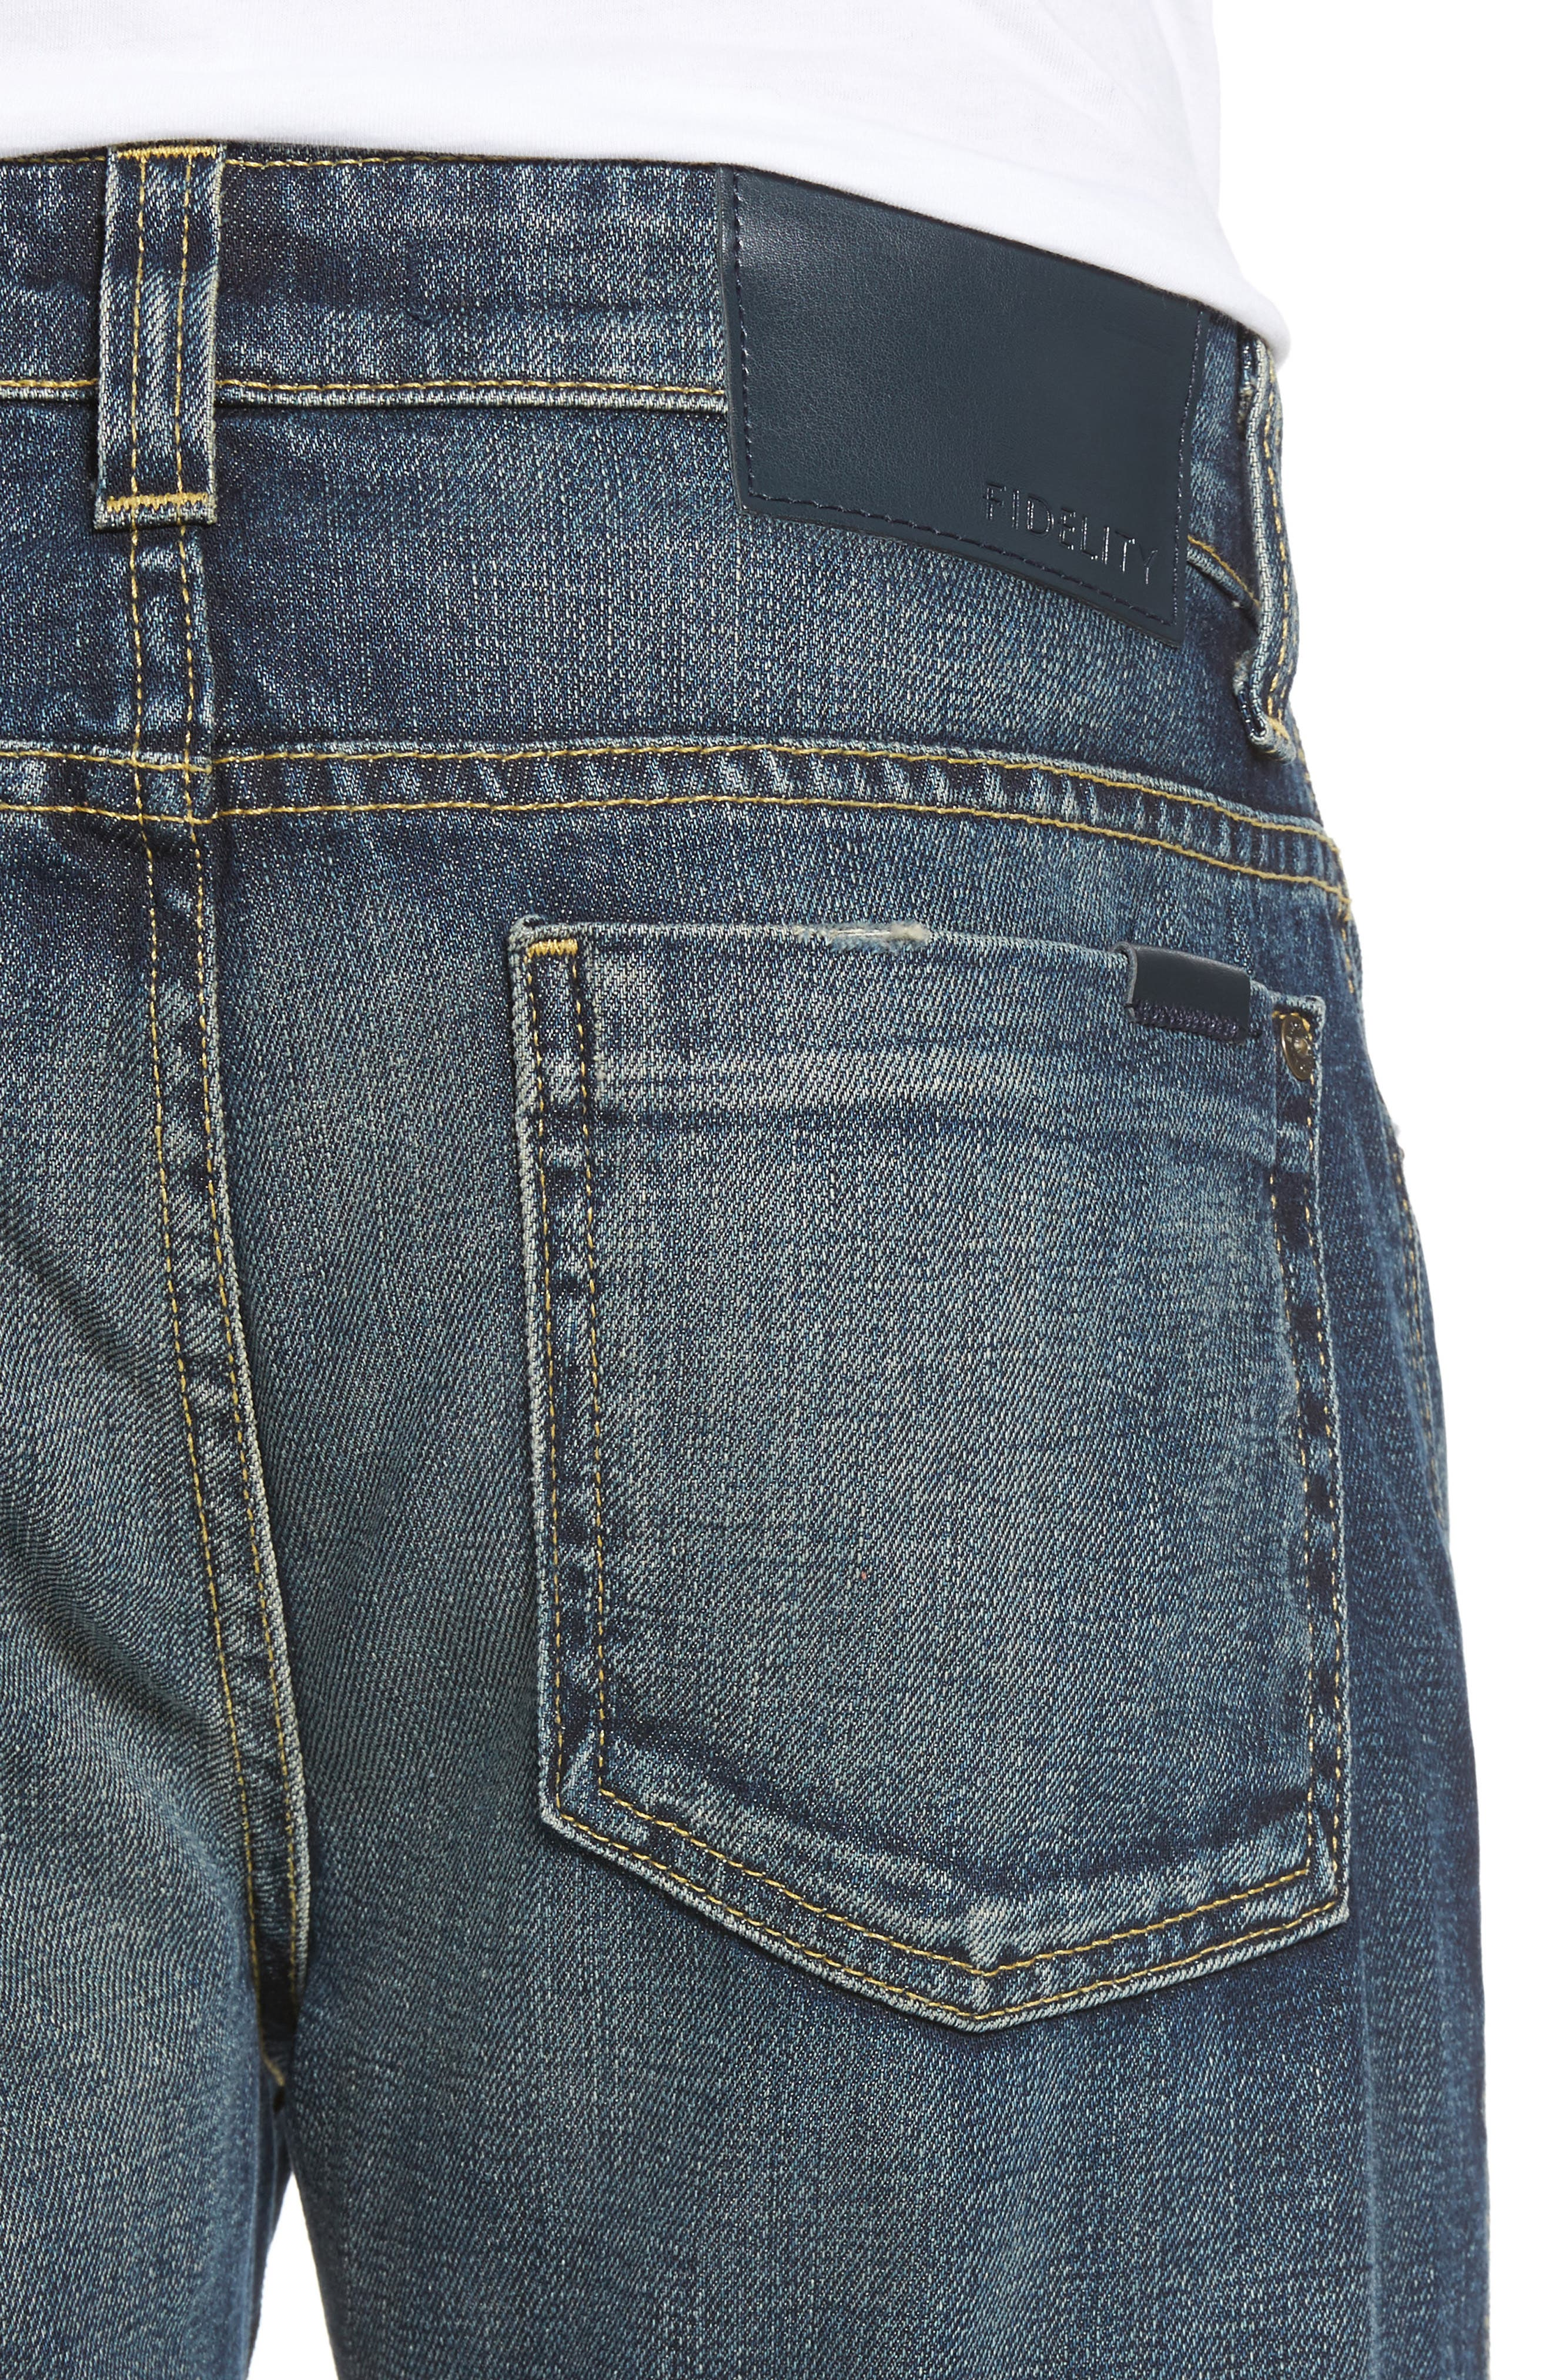 Fideltiy Denim Torino Slim Fit Jeans,                             Alternate thumbnail 4, color,                             400